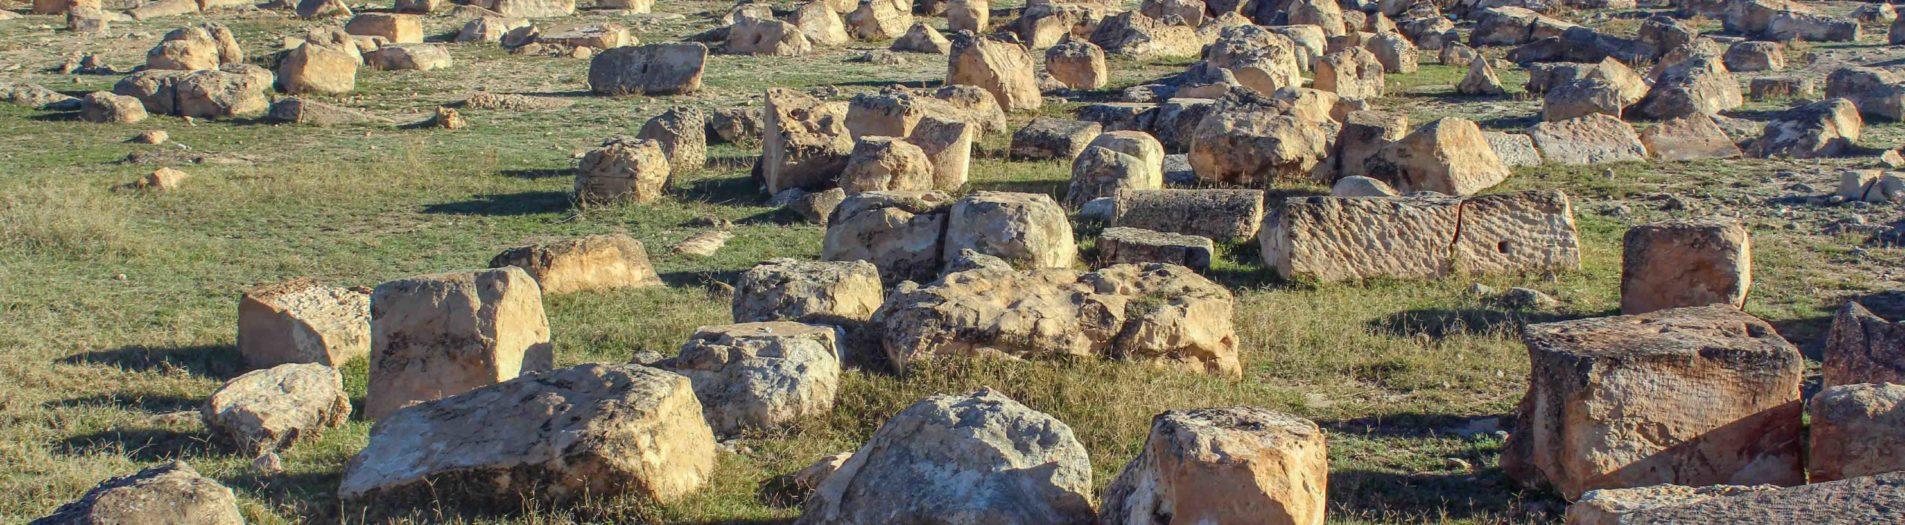 Le site archéologique de Thélepte